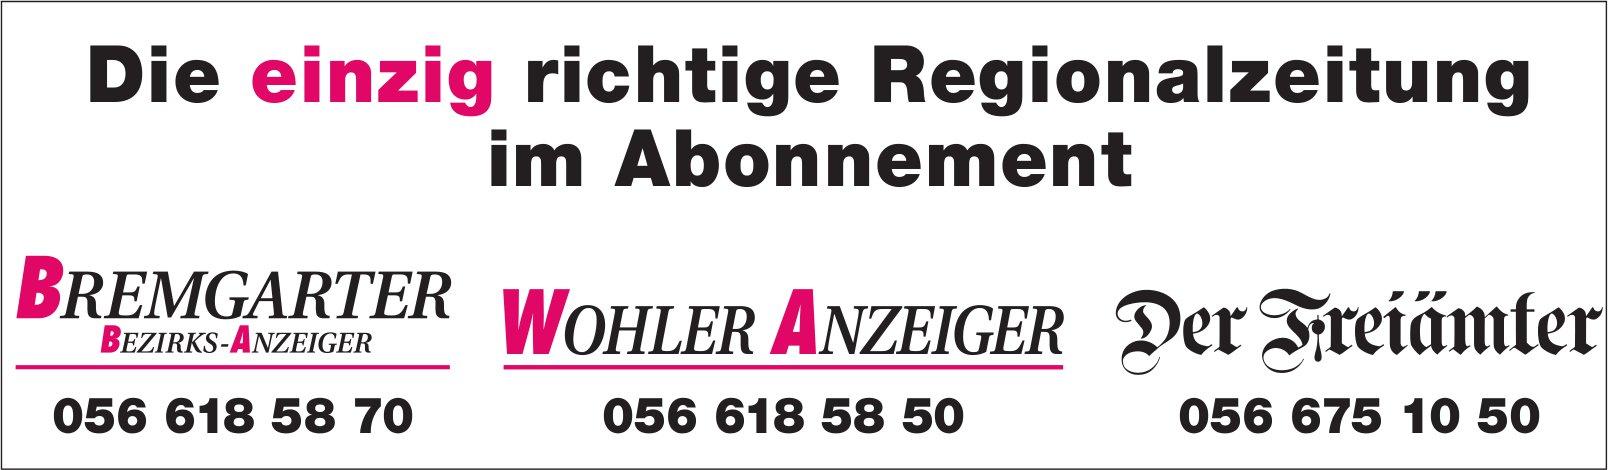 BBA/WA der Freiämter, Regionalzeitung